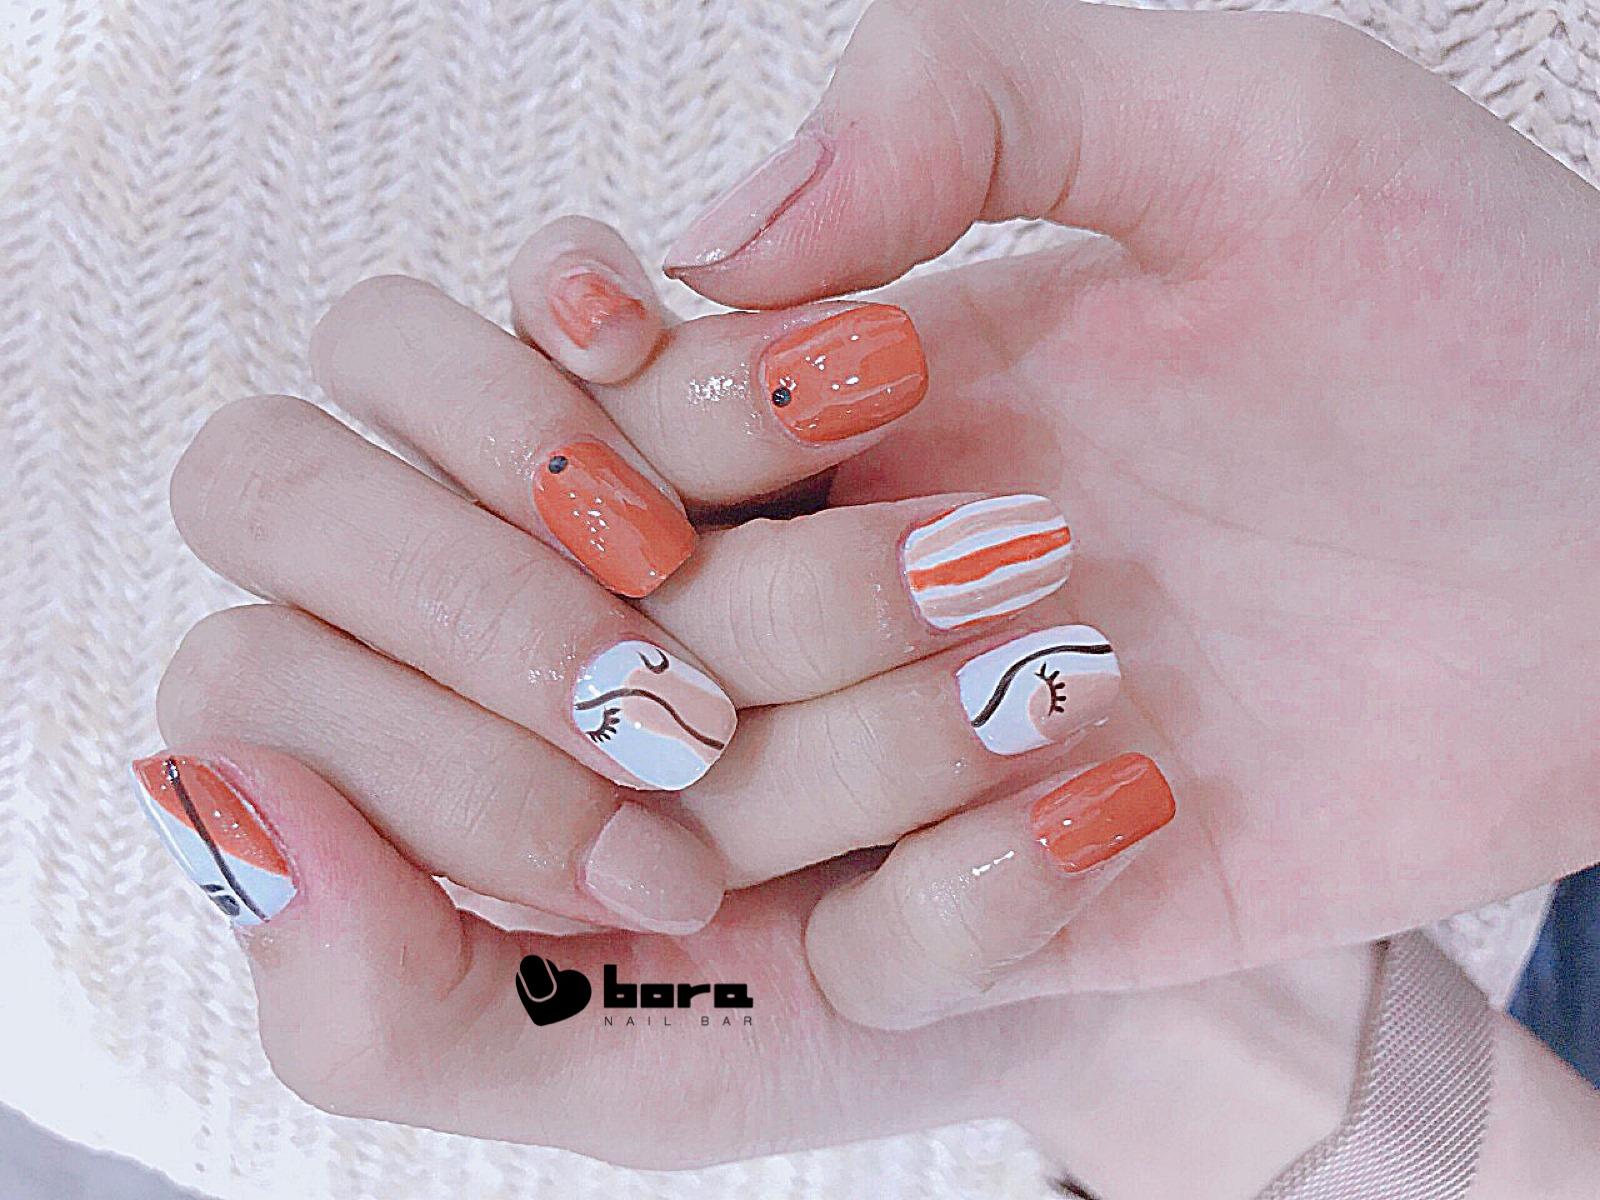 Bora nail bar 1